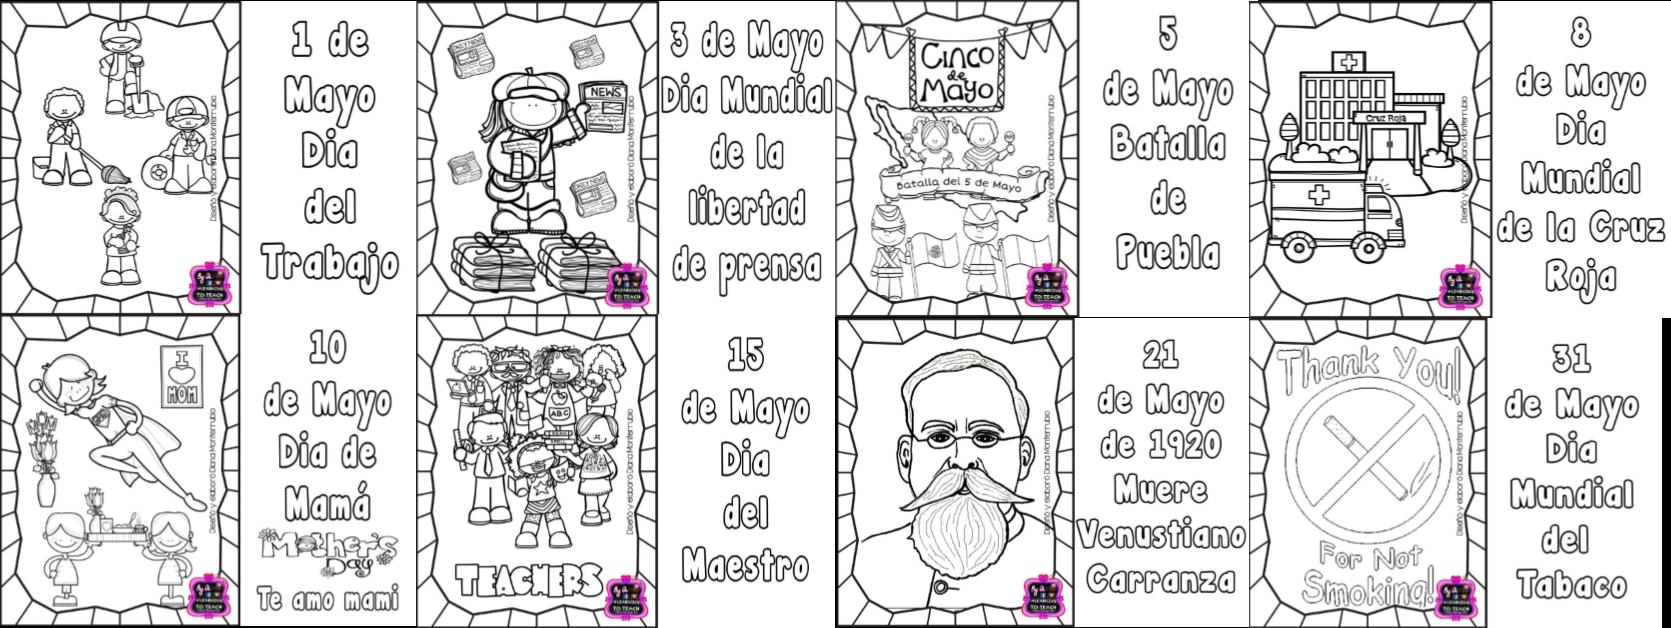 Efemérides Del Mes De Mayo Para Colorear Educación Primaria